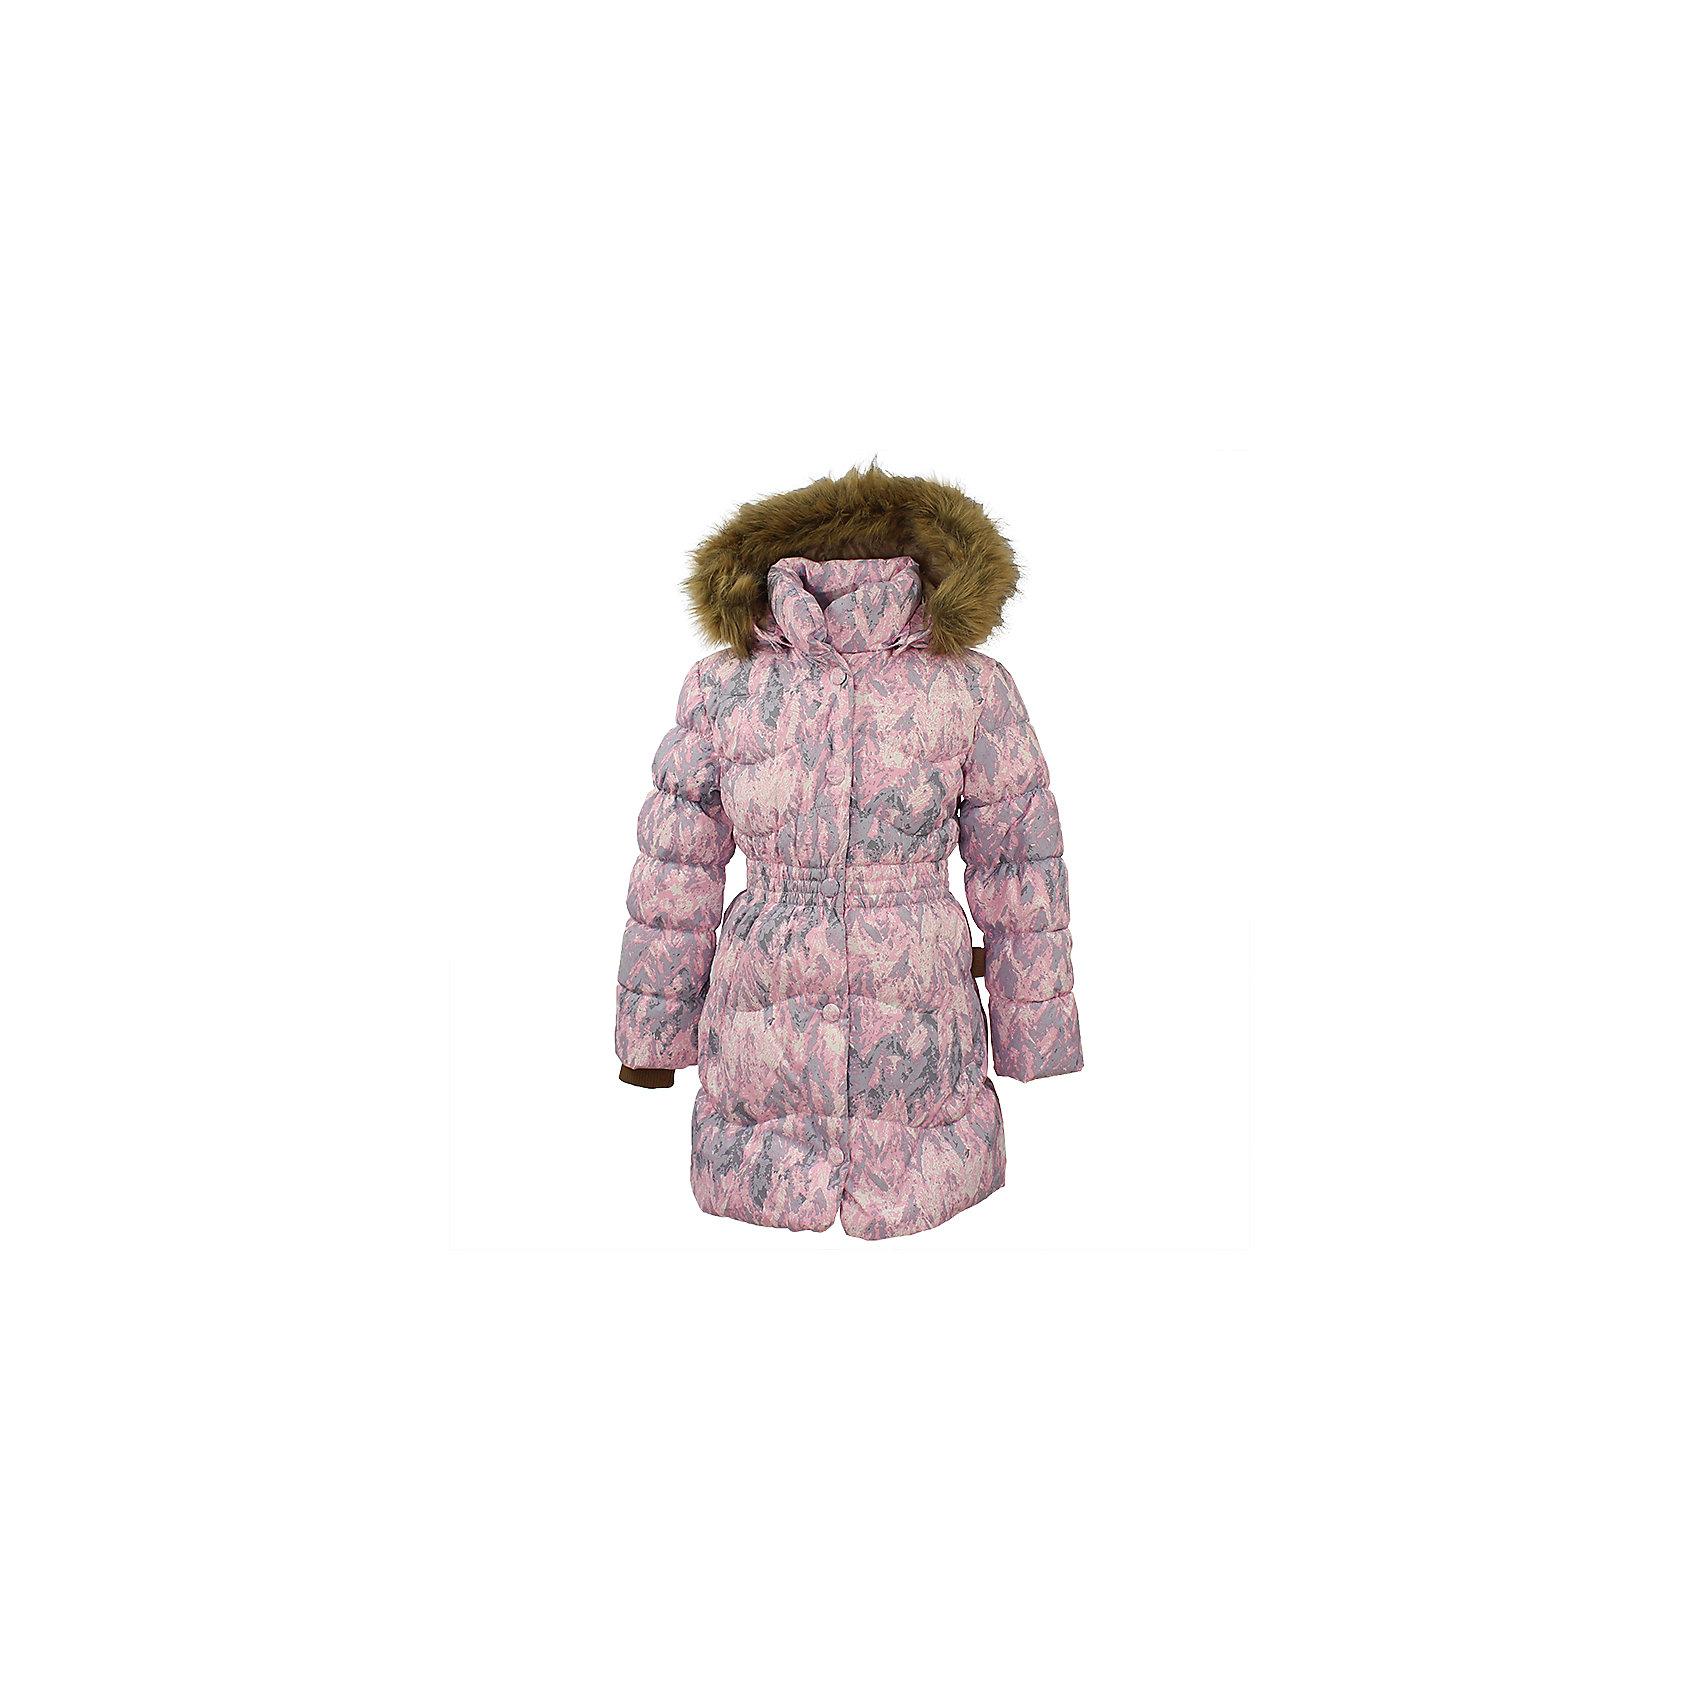 Пальто GRACE 1 Huppa для девочкиВерхняя одежда<br>Характеристики товара:<br><br>• модель: Grace 1;<br>• цвет: cветло-розовый;<br>• пол: девочка;<br>• состав: 100% полиэстер;<br>• утеплитель: 50% пух, 50% перо.;<br>• подкладка: тафта,полиэстер;<br>• сезон: зима;<br>• температурный режим: от - 5 до - 30С;<br>• водонепроницаемость: 5000 мм;<br>• воздухопроницаемость: 5000 г/м2/24ч;<br>• влагоустойчивая и дышащая ткань верхнего слоя изделияпозволяет сохранить внутри собственное тепло ребенка и препятствует попаданию извне холодного воздуха;<br>• воротник-стойка застегивается на застежку-молнию и кнопки;<br>• безопасный капюшон при необходимости, отстегивается;<br>• мех на капюшоне съемный;<br>• низ рукавов дополнен эластичными манжетами;<br>• карманы на молнии;<br>• светоотражающие детали для безопасности ребенка;<br>• страна бренда: Финляндия;<br>• страна изготовитель: Эстония.<br><br>Стильное пальто Grace 1 для девочки бренда Huppa идеально подойдет для ребенка в прохладное время года. Модель изготовлена из полиэстера.Подкладка —  тафта,полиэстер.<br> <br>Пальто с капюшоном и небольшим воротником-стойкой застегивается на застежку-молнию и кнопки. Капюшон оформлен съемным мехом. Низ рукавов дополнен эластичными манжетами, не стягивающими запястья. Карманы на молнии надежно сохранят все сокровища. Такое стильное пальто станет прекрасным дополнением гардеробу вашей девочки, оно подарит комфорт и тепло.<br><br>Вы можете приобрести стильное пальто Grace 1 для девочки бренда Huppa(Хуппа) в нашем интернет-магазине.<br><br>Ширина мм: 356<br>Глубина мм: 10<br>Высота мм: 245<br>Вес г: 519<br>Цвет: розовый<br>Возраст от месяцев: 108<br>Возраст до месяцев: 120<br>Пол: Женский<br>Возраст: Детский<br>Размер: 140,104,110,116,122,128,134<br>SKU: 7025235